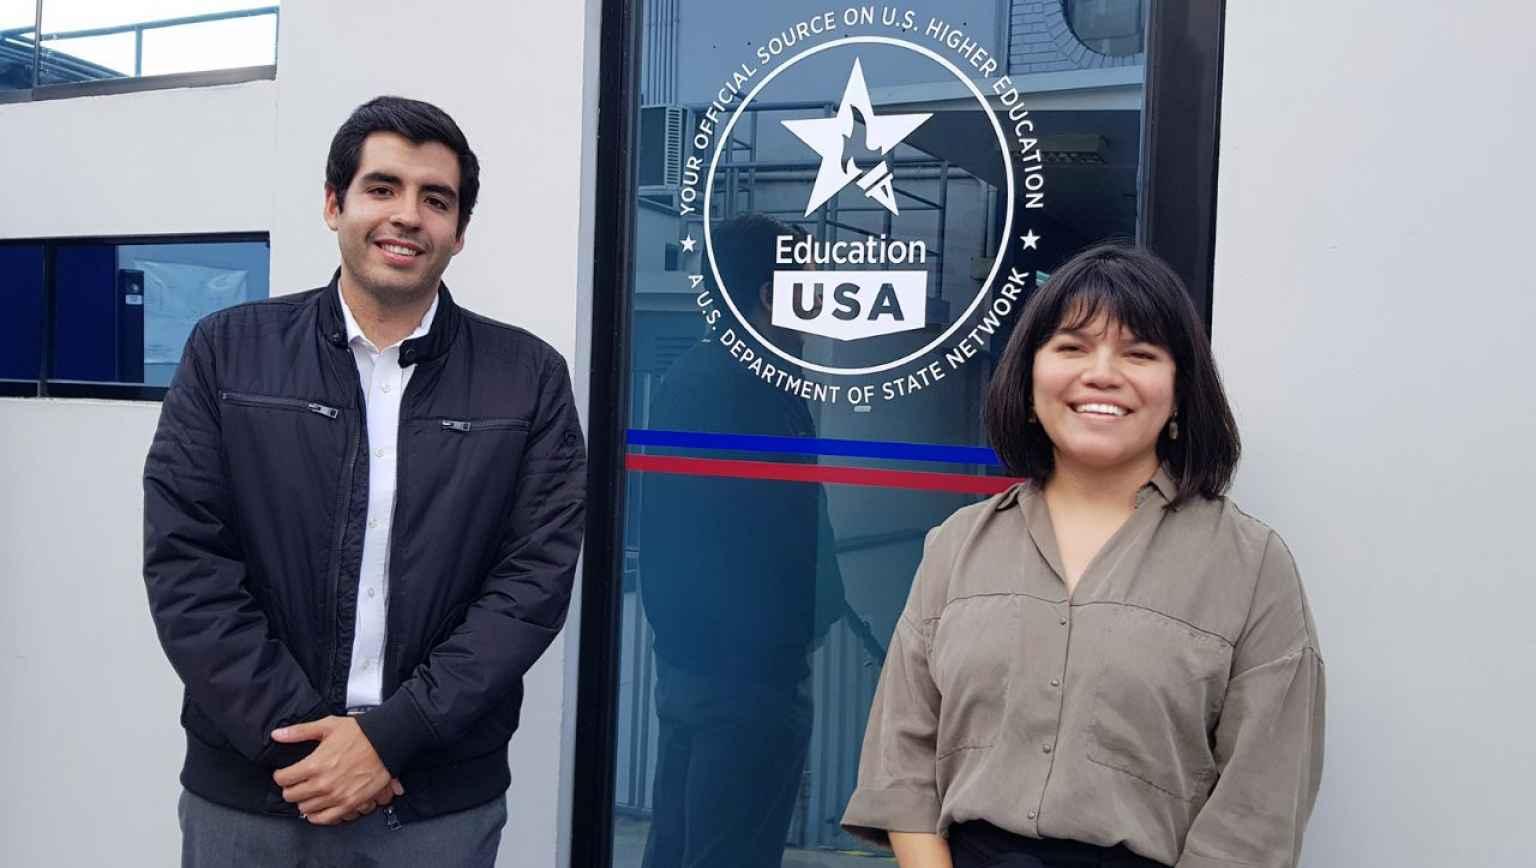 EducationUSA ICPNA Lima advisers